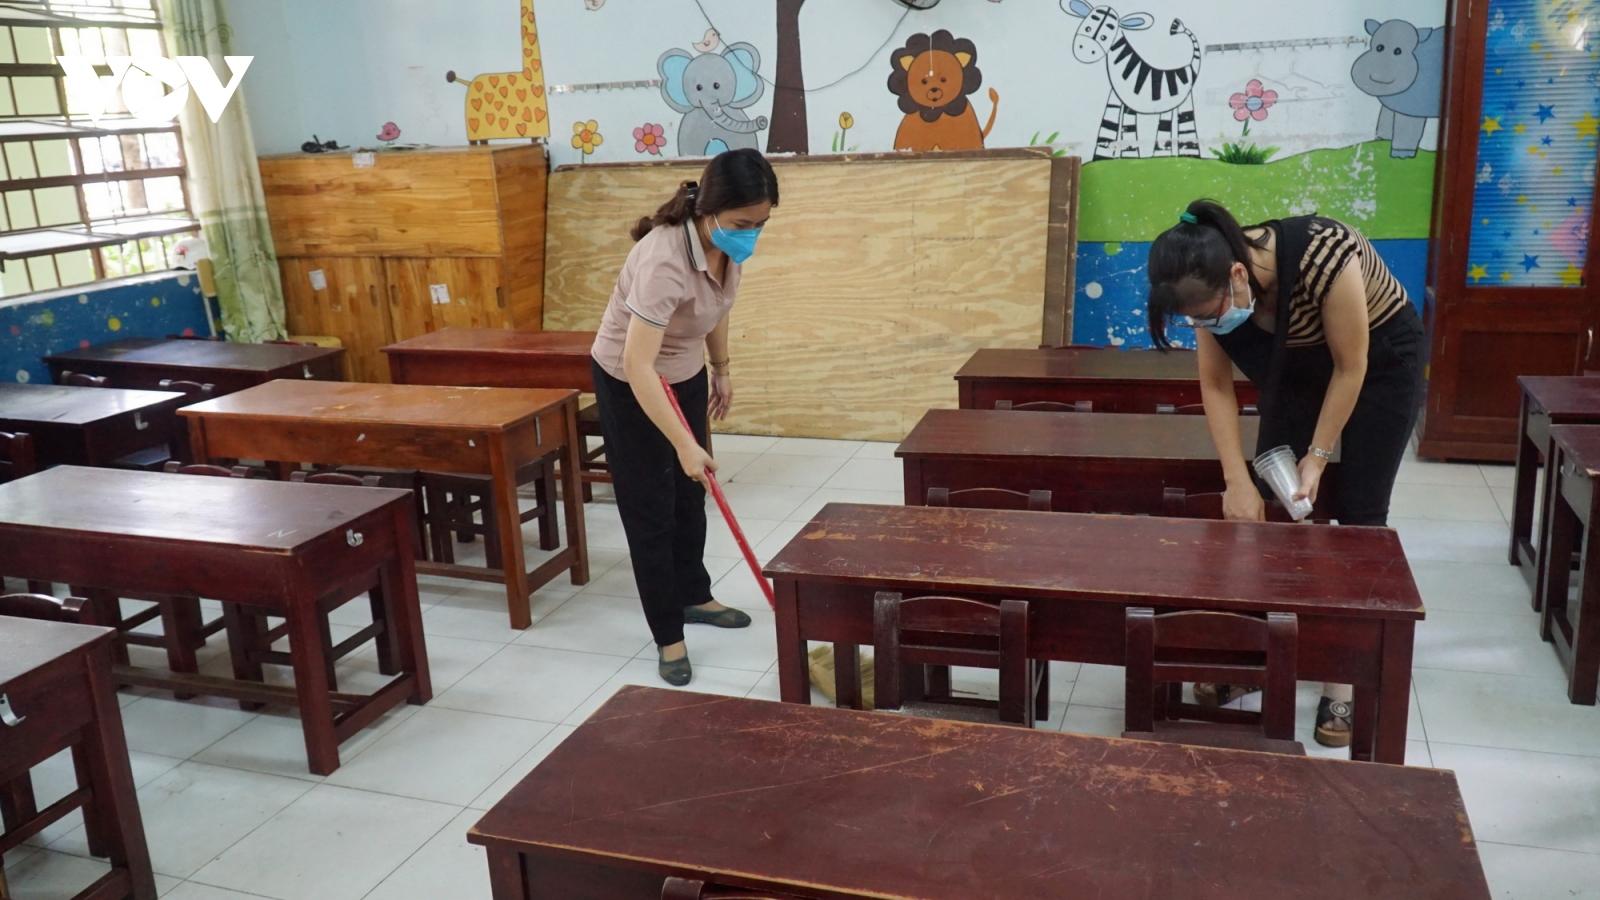 Đà Nẵng dọn vệ sinh các điểm cách ly y tế tại trường học, chuẩn bị đón học sinh